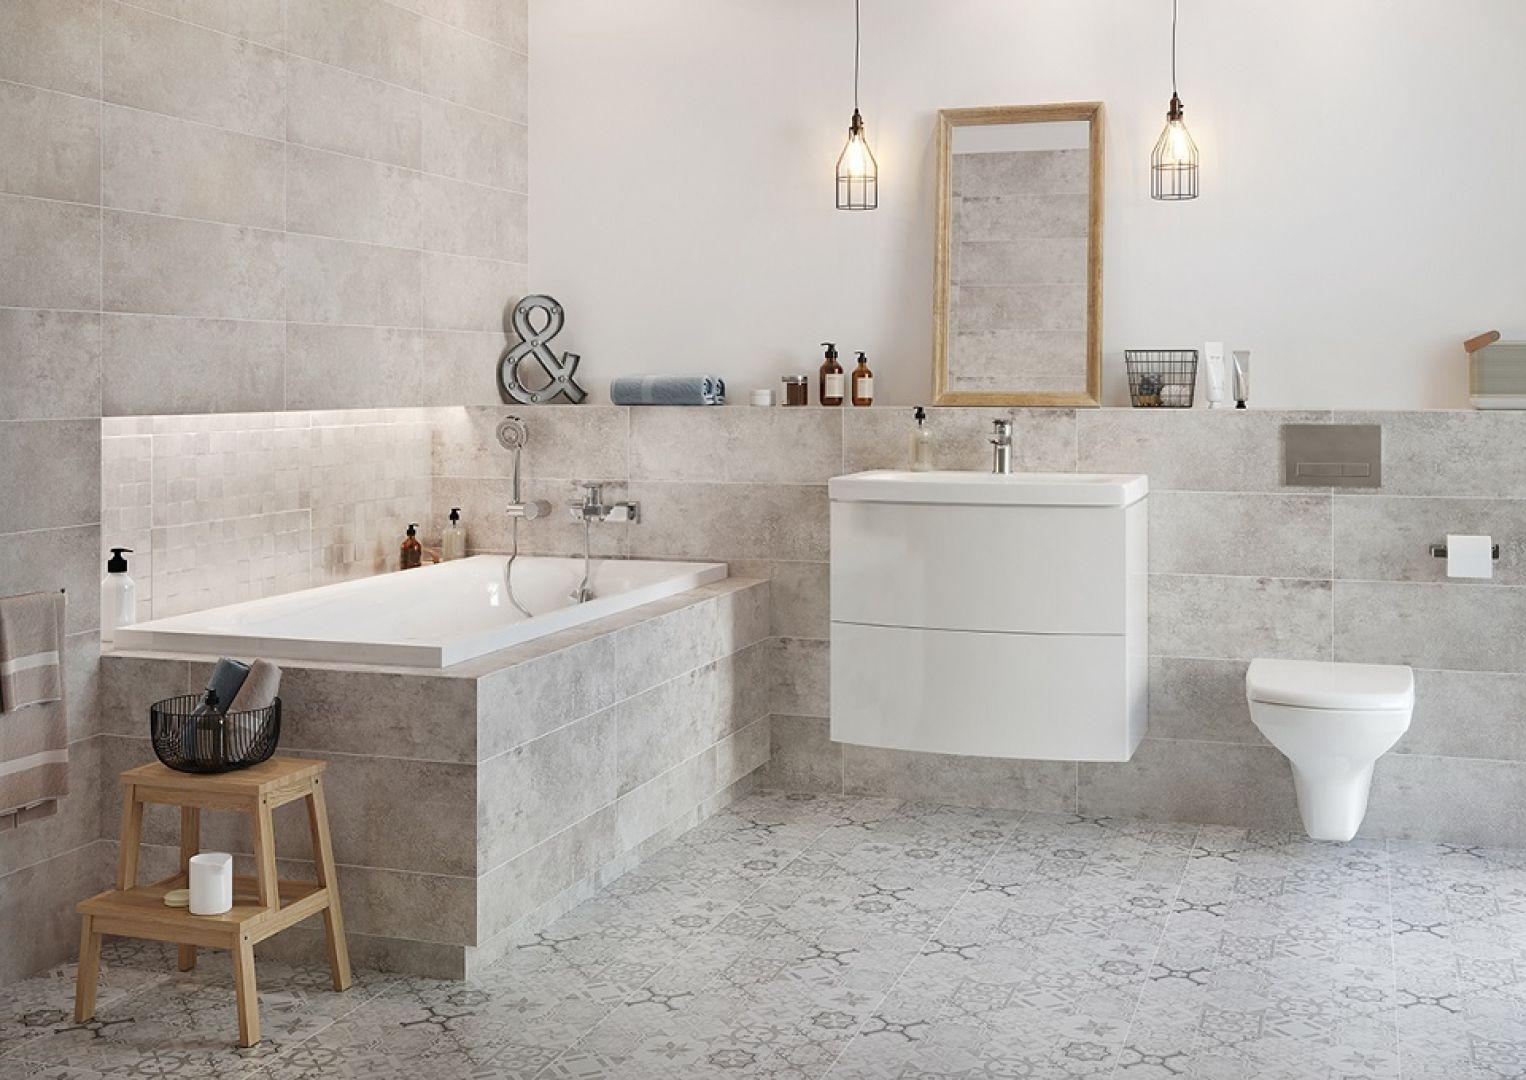 Płytki jak beton z kolekcji Conrete Style firmy Cersanit. Fot. Cersanit